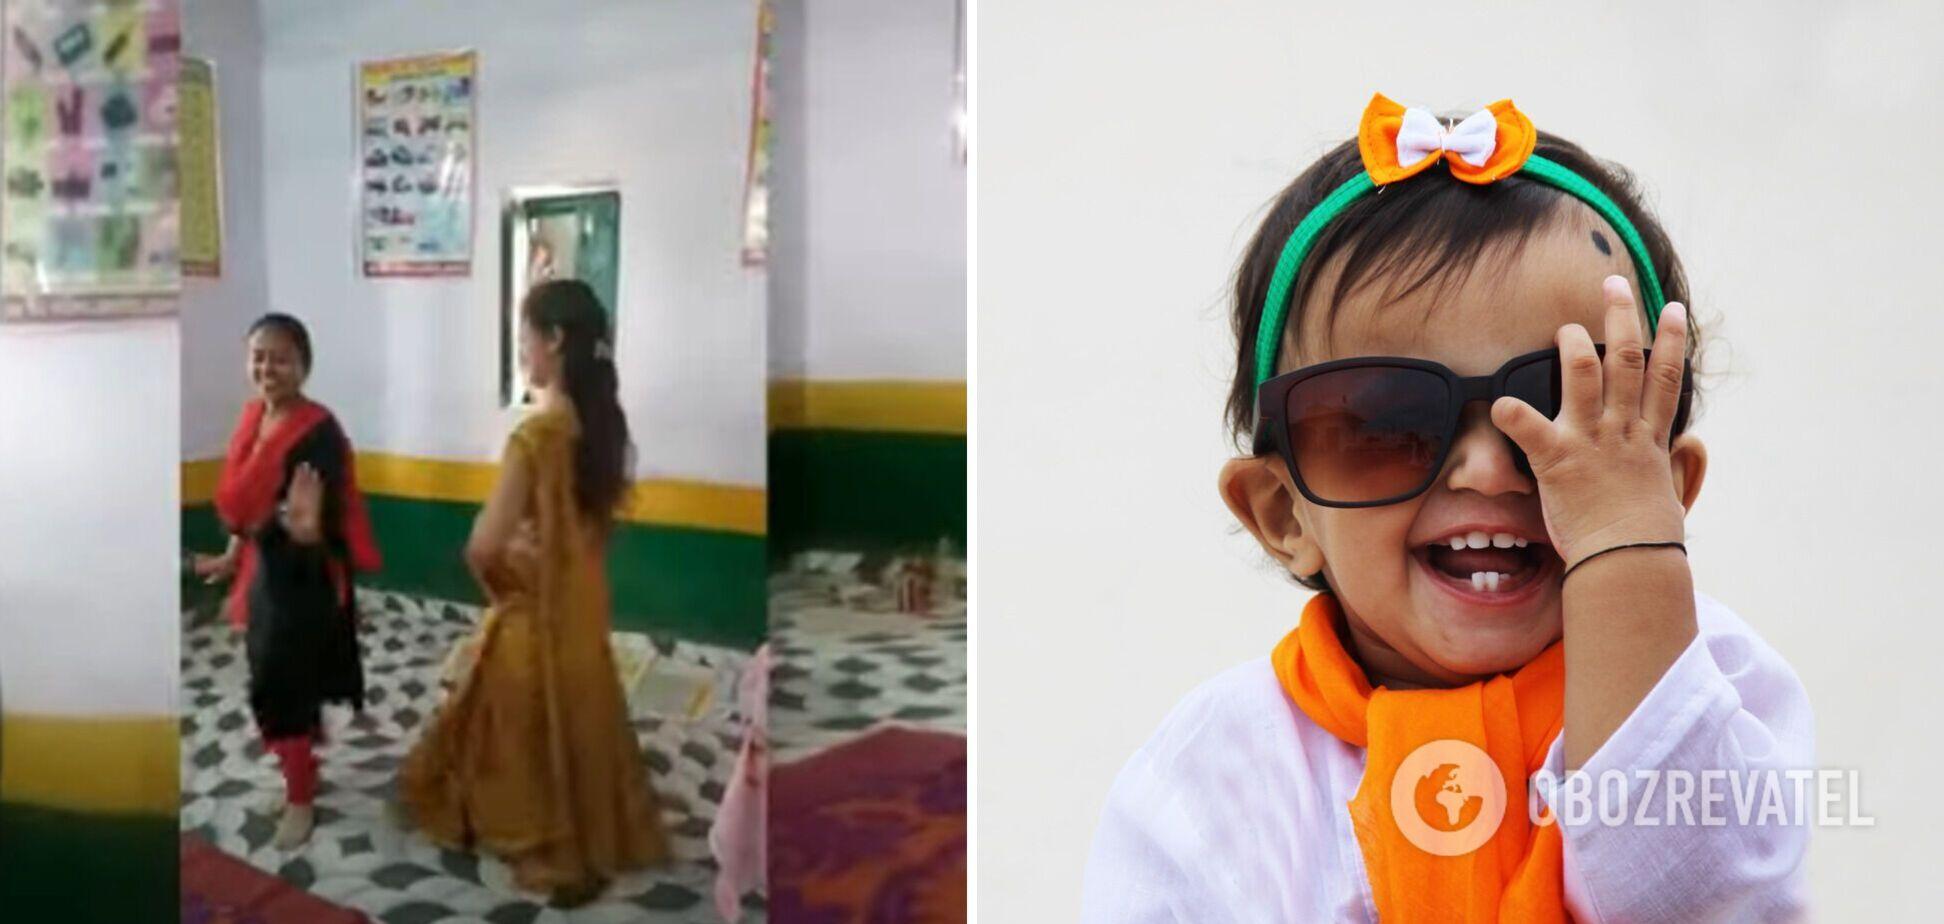 В Индии пятерых учительниц отстранили за 'неподобающие' танцы на уроке. Видео